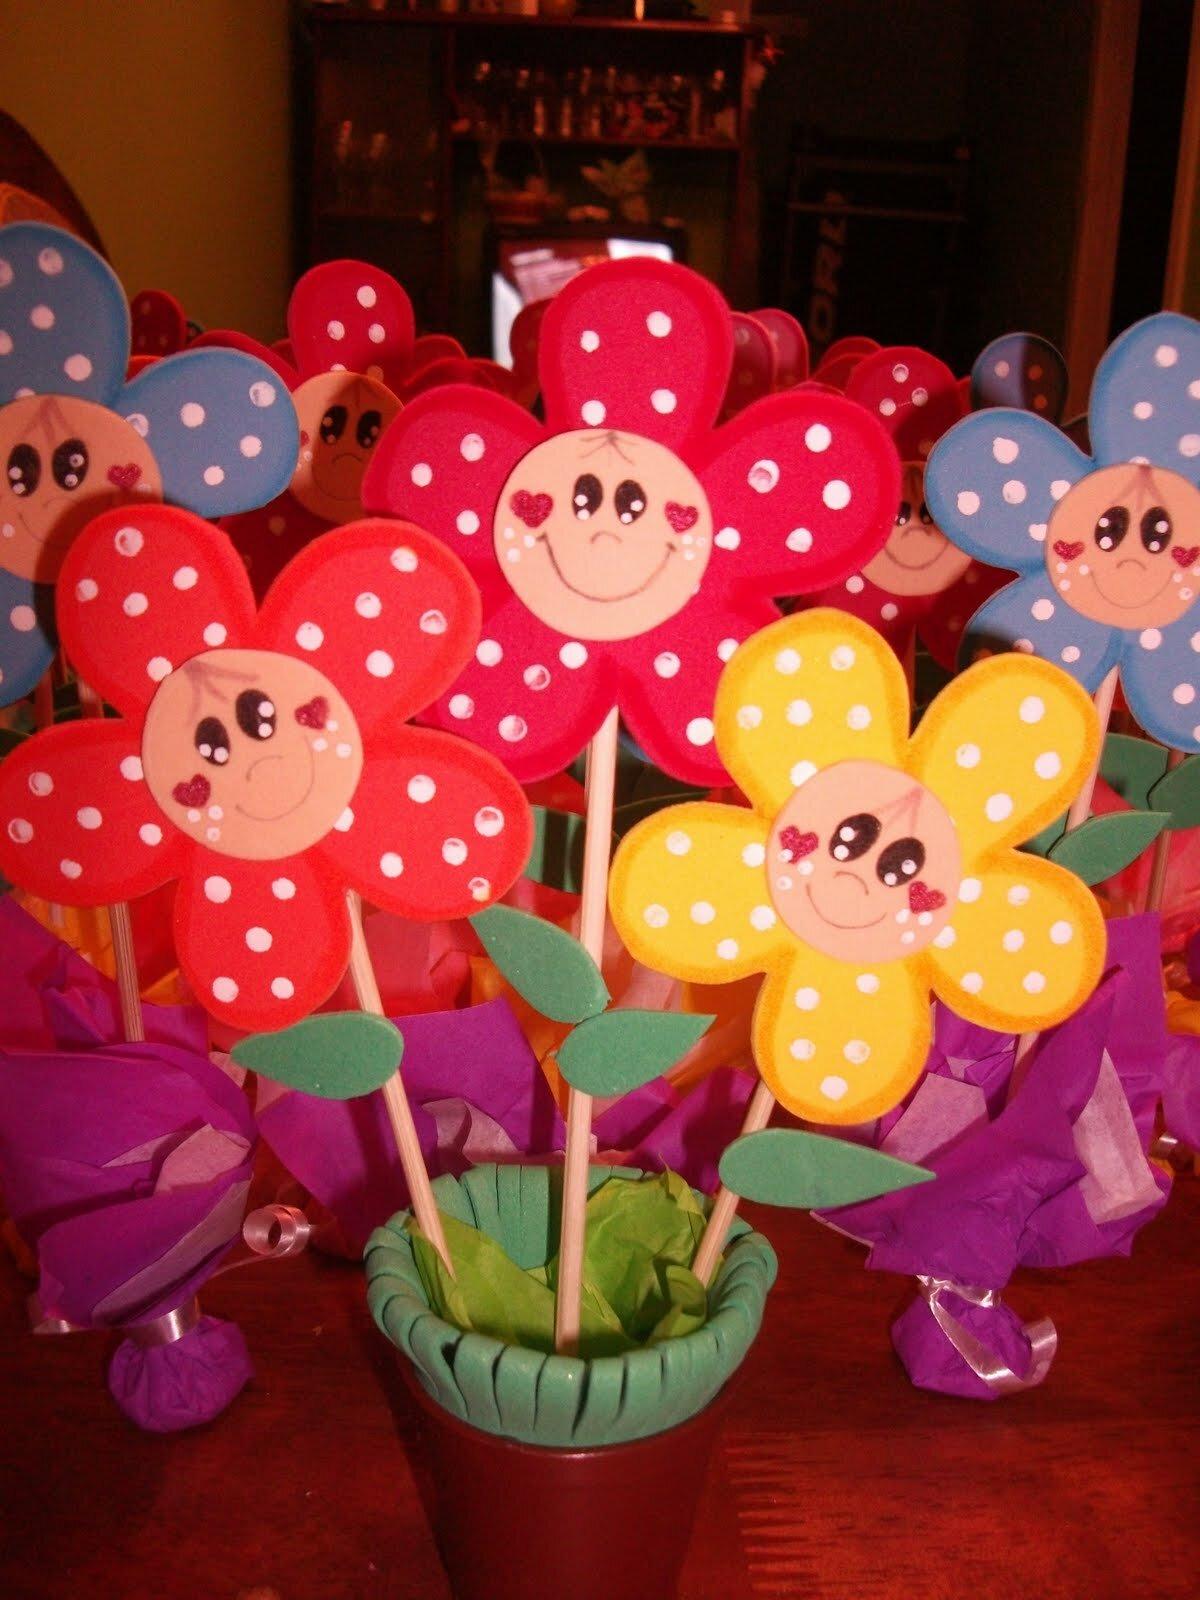 Подарки к 8 марта в детском саду картинки 3